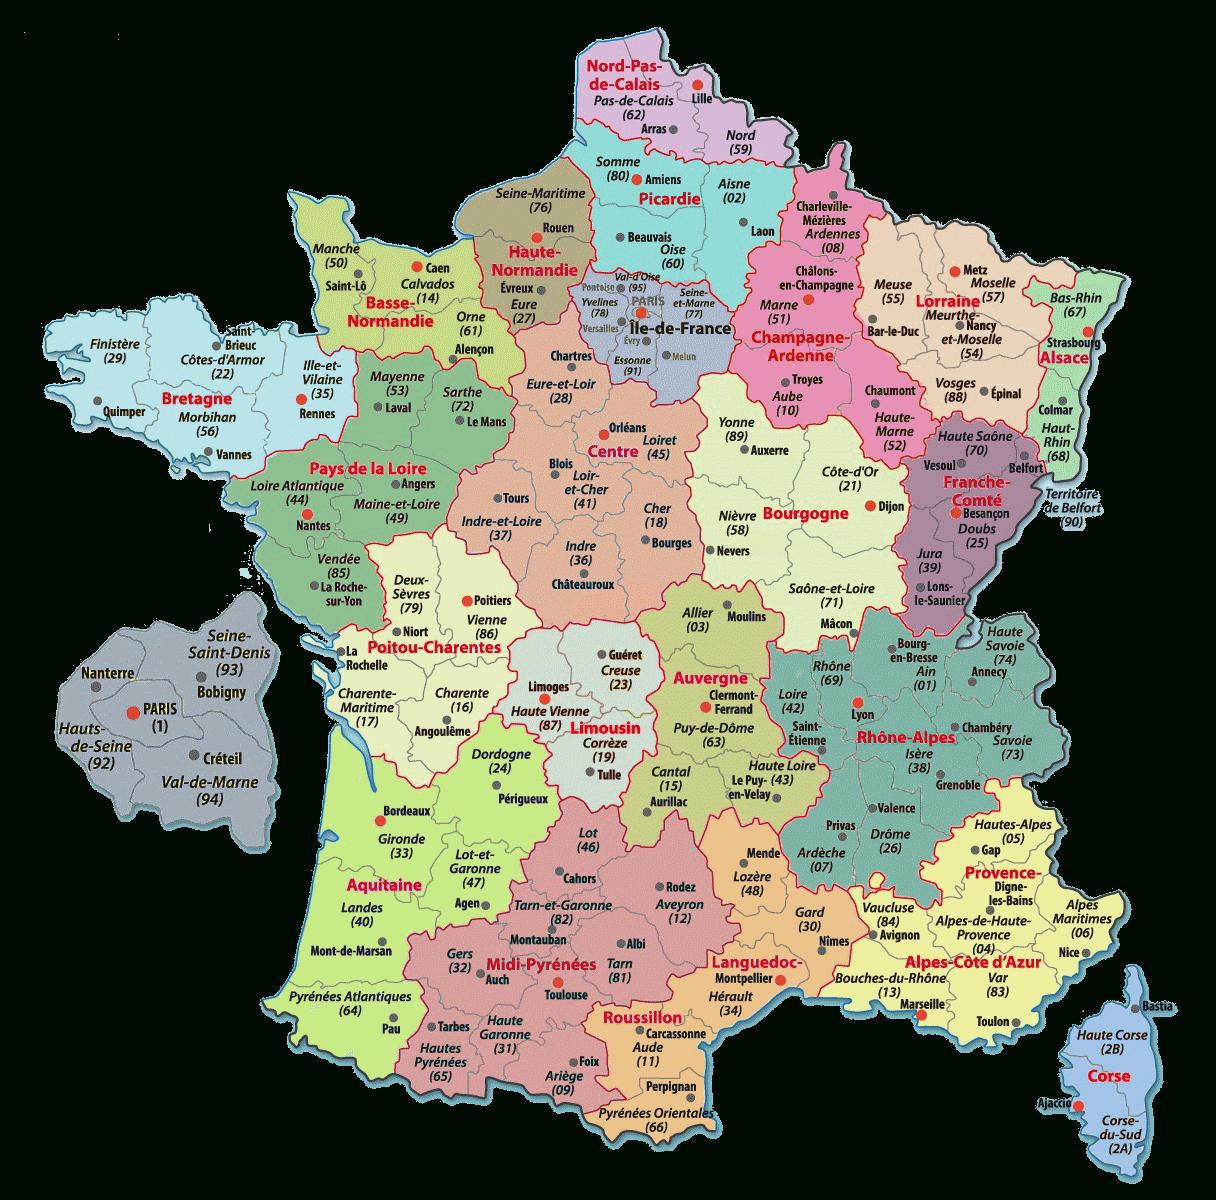 Carte De France Departements : Carte Des Départements De France intérieur Carte De France Avec Les Départements